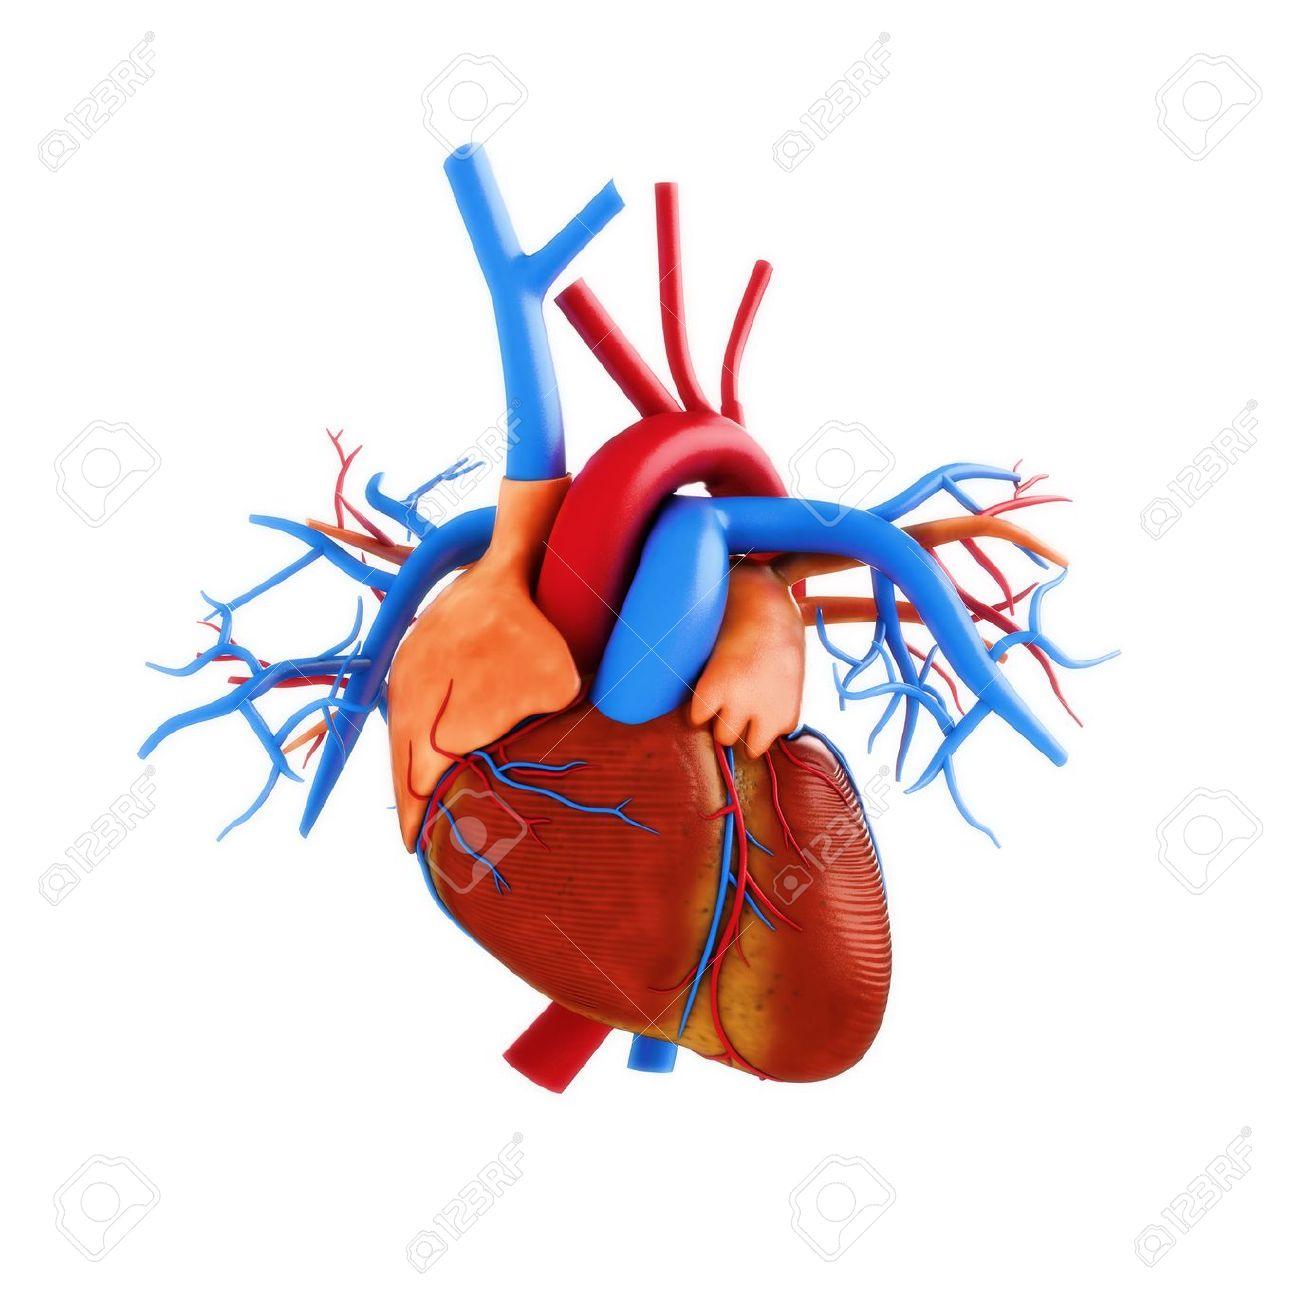 Ilustración De La Anatomía Humana Del Corazón Sobre Un Fondo Blanco ...